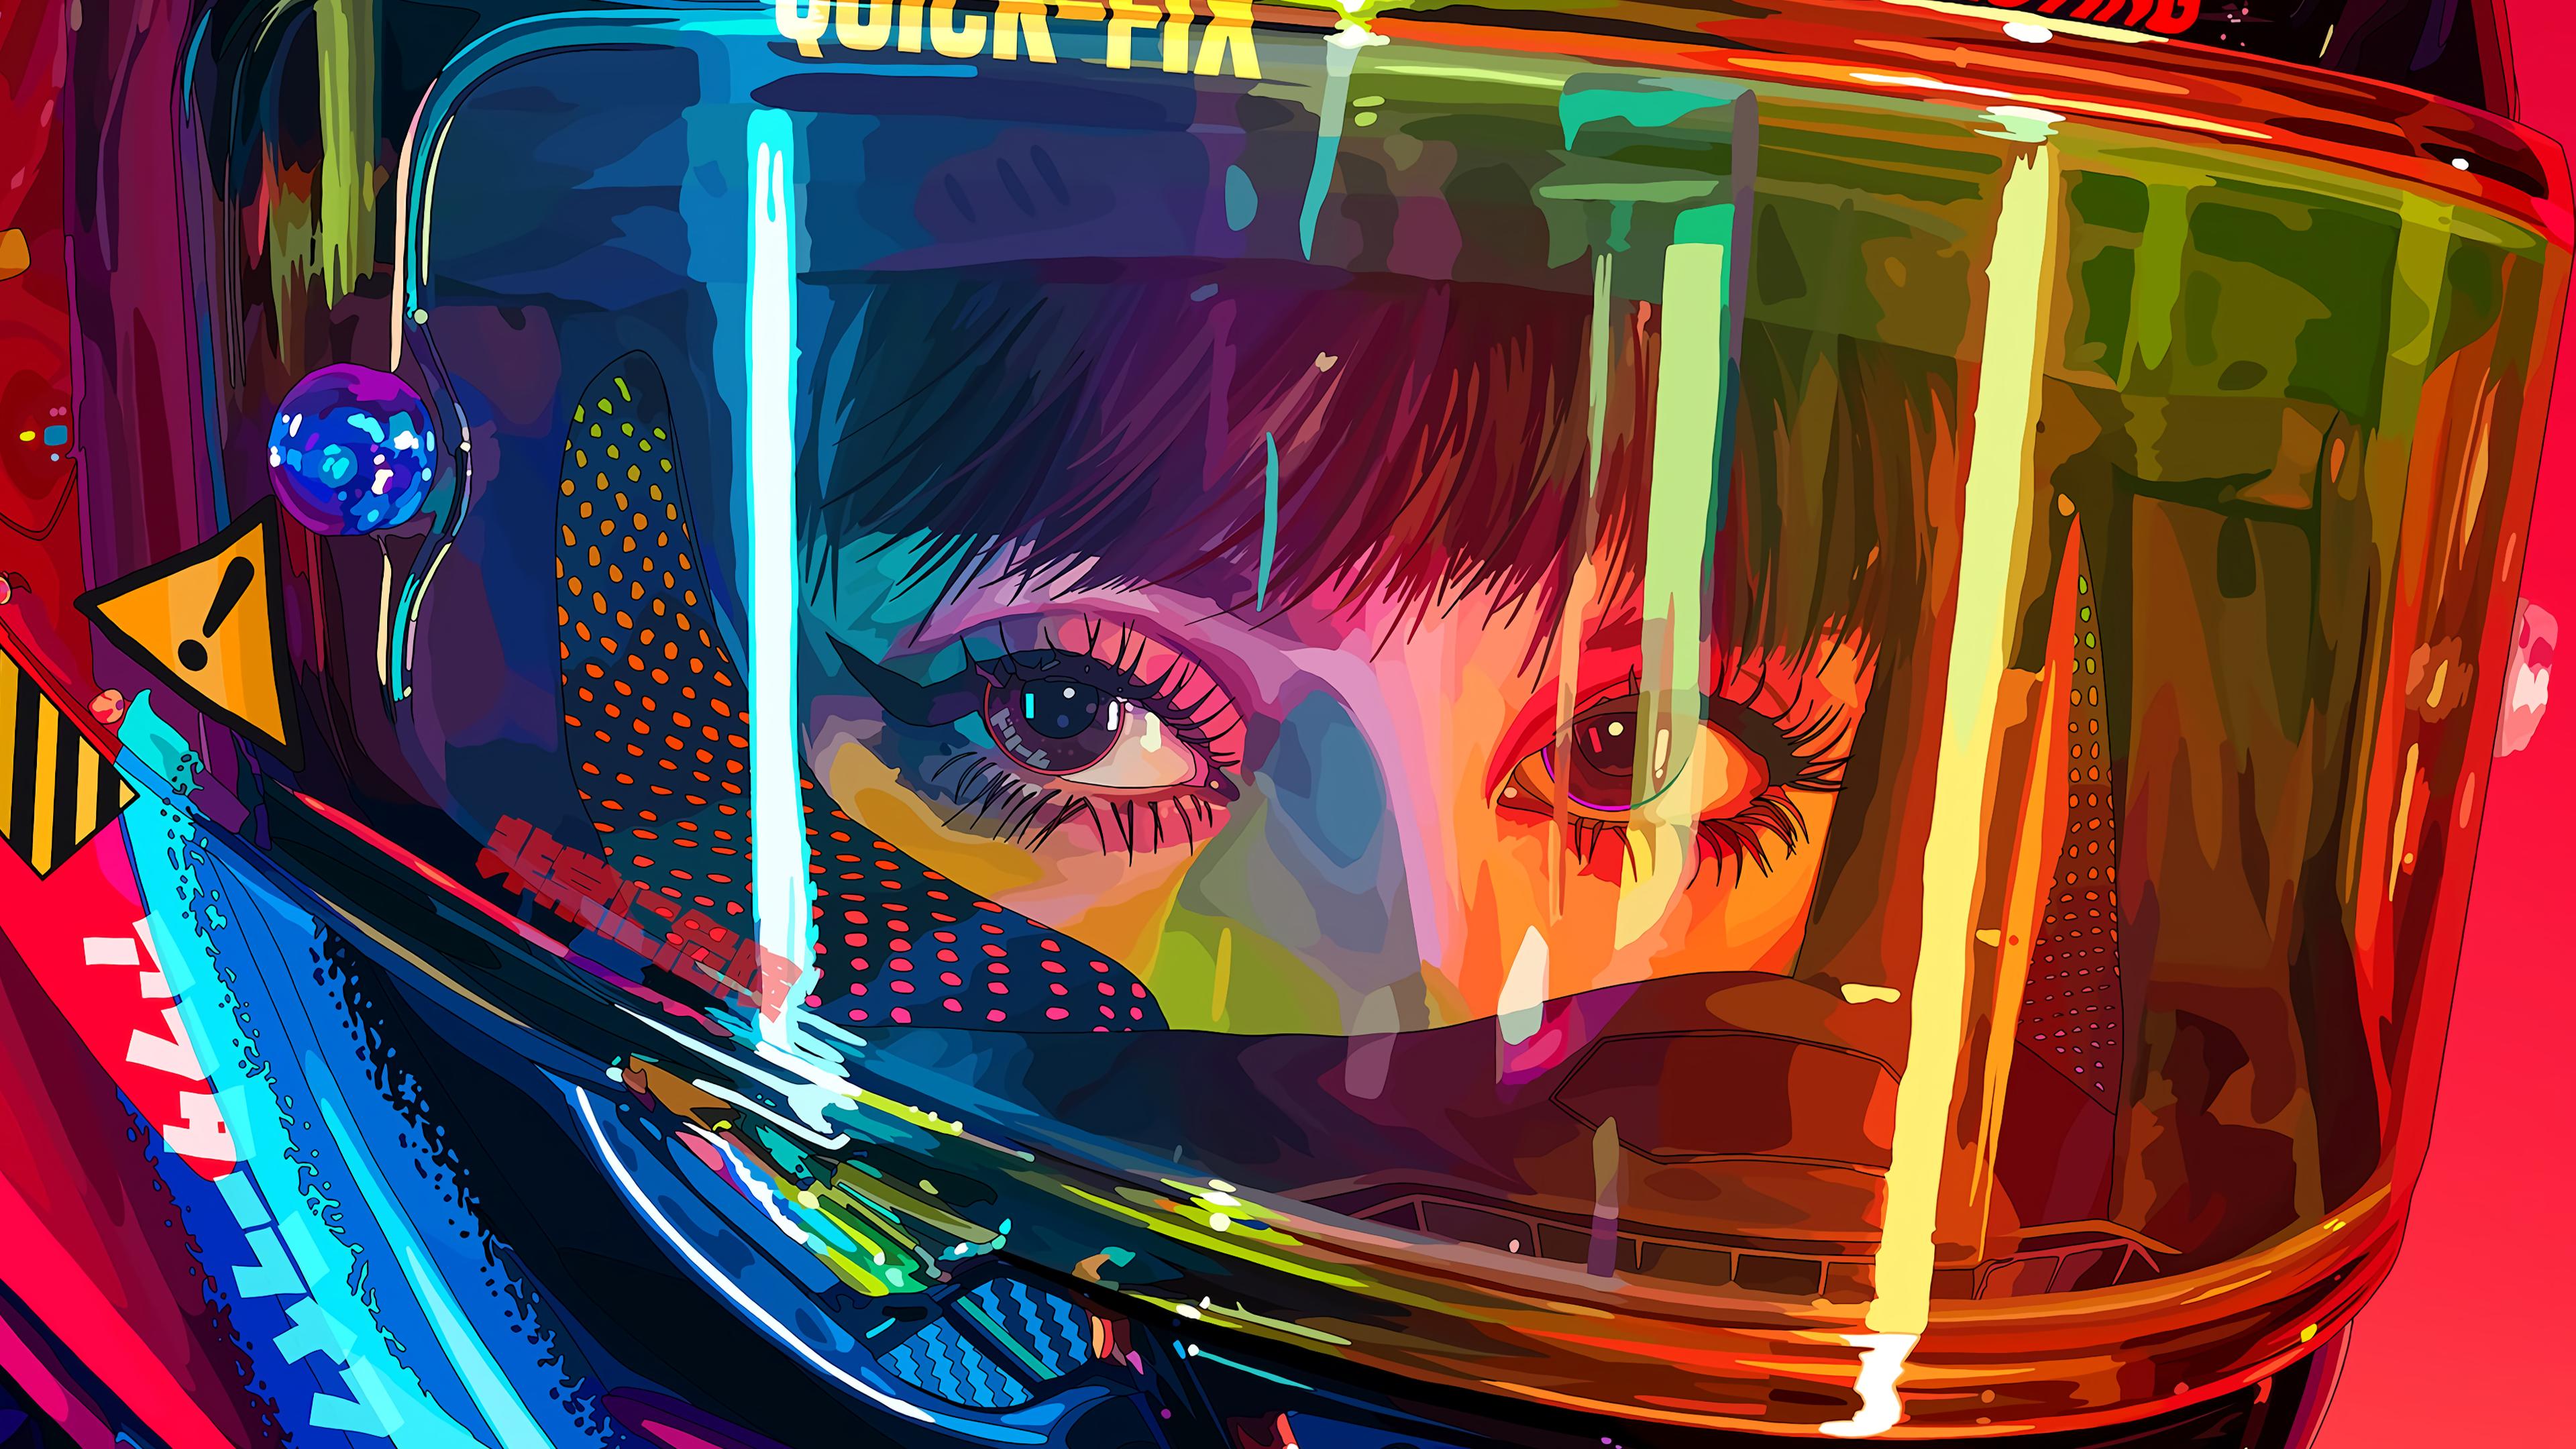 Biker Girl [3840x2160] in 2020 Cyberpunk anime